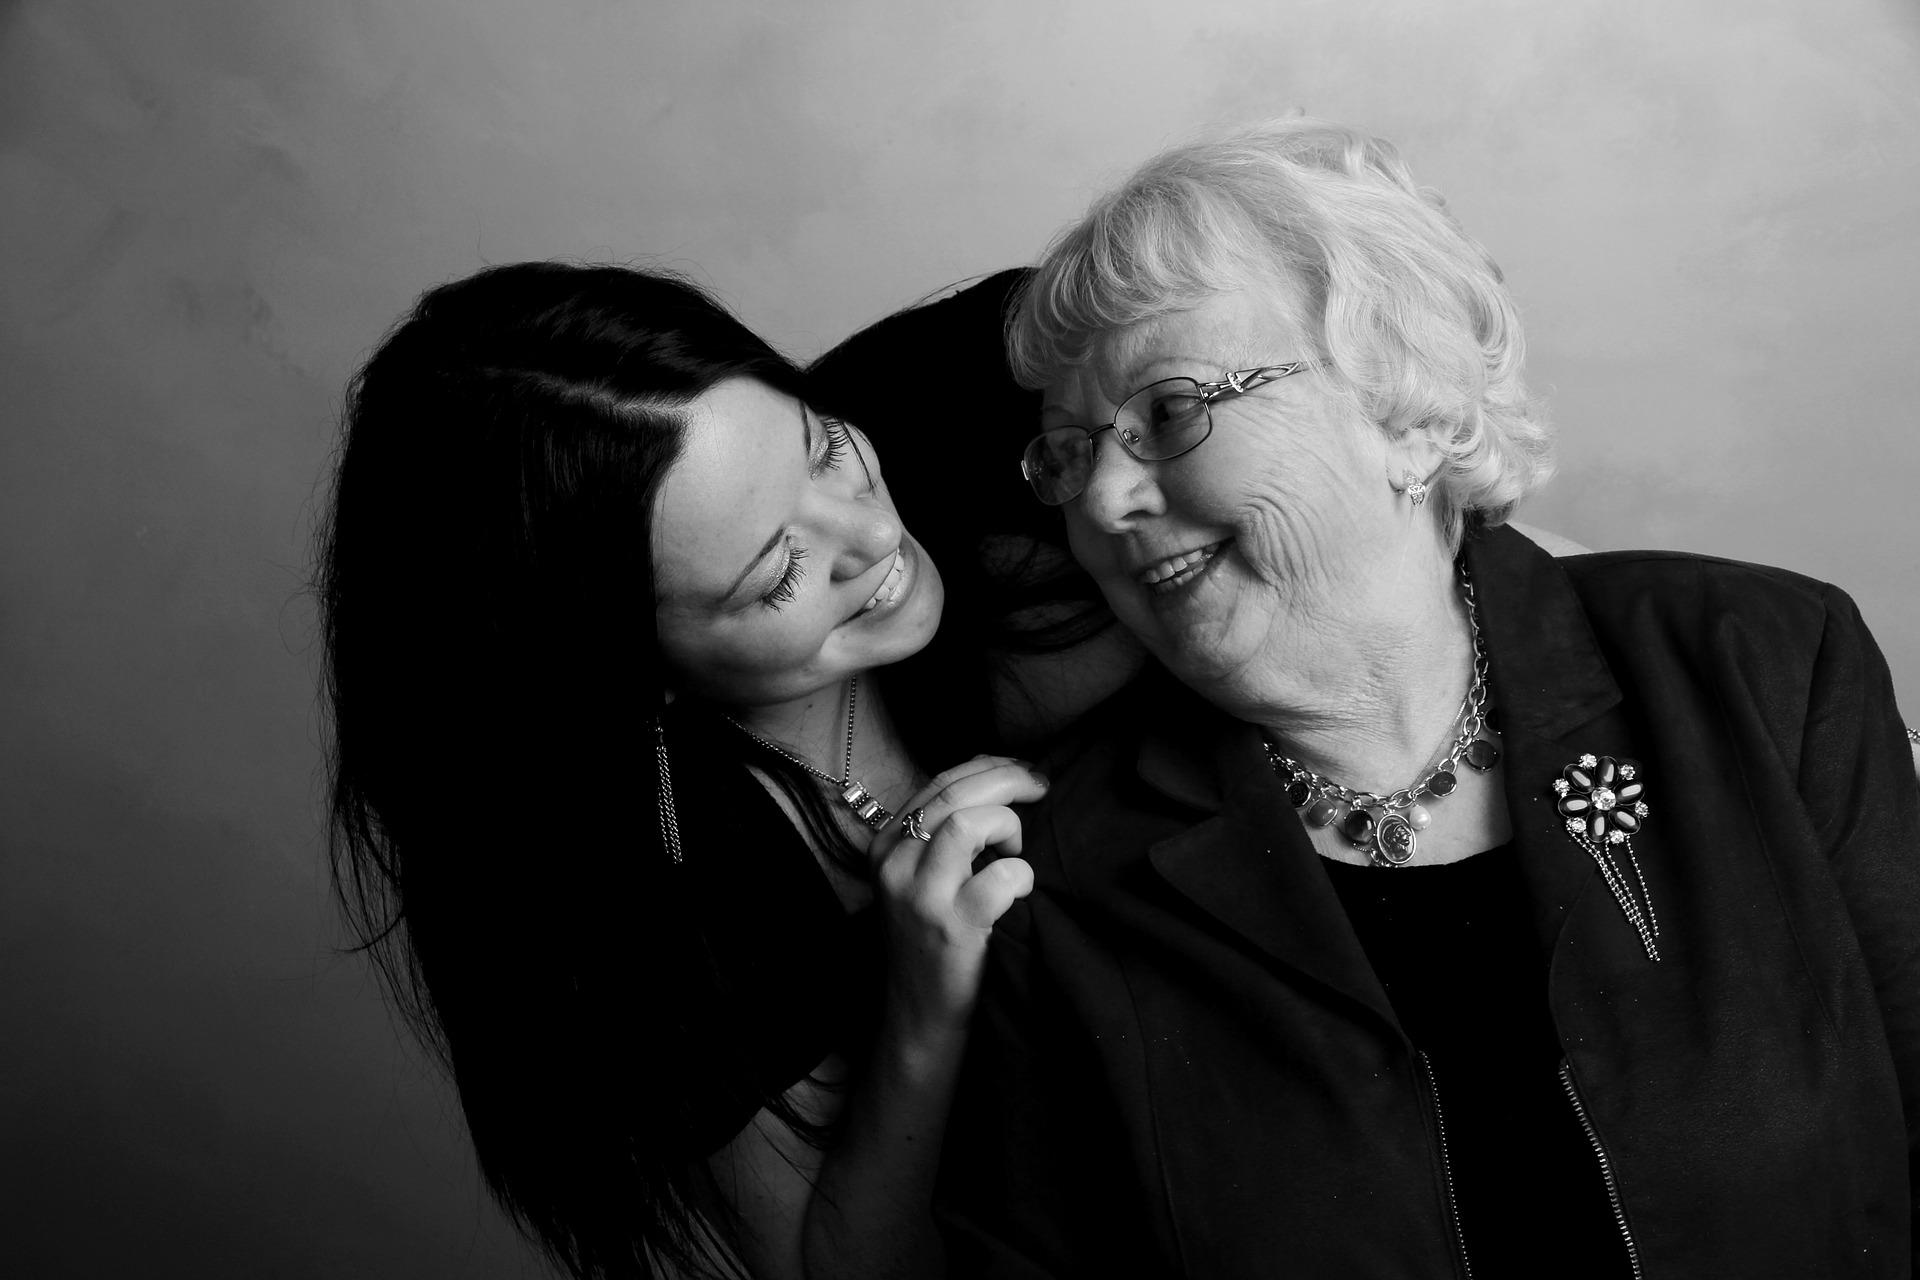 La fête des grands-mères, ce sera le 3 mars !